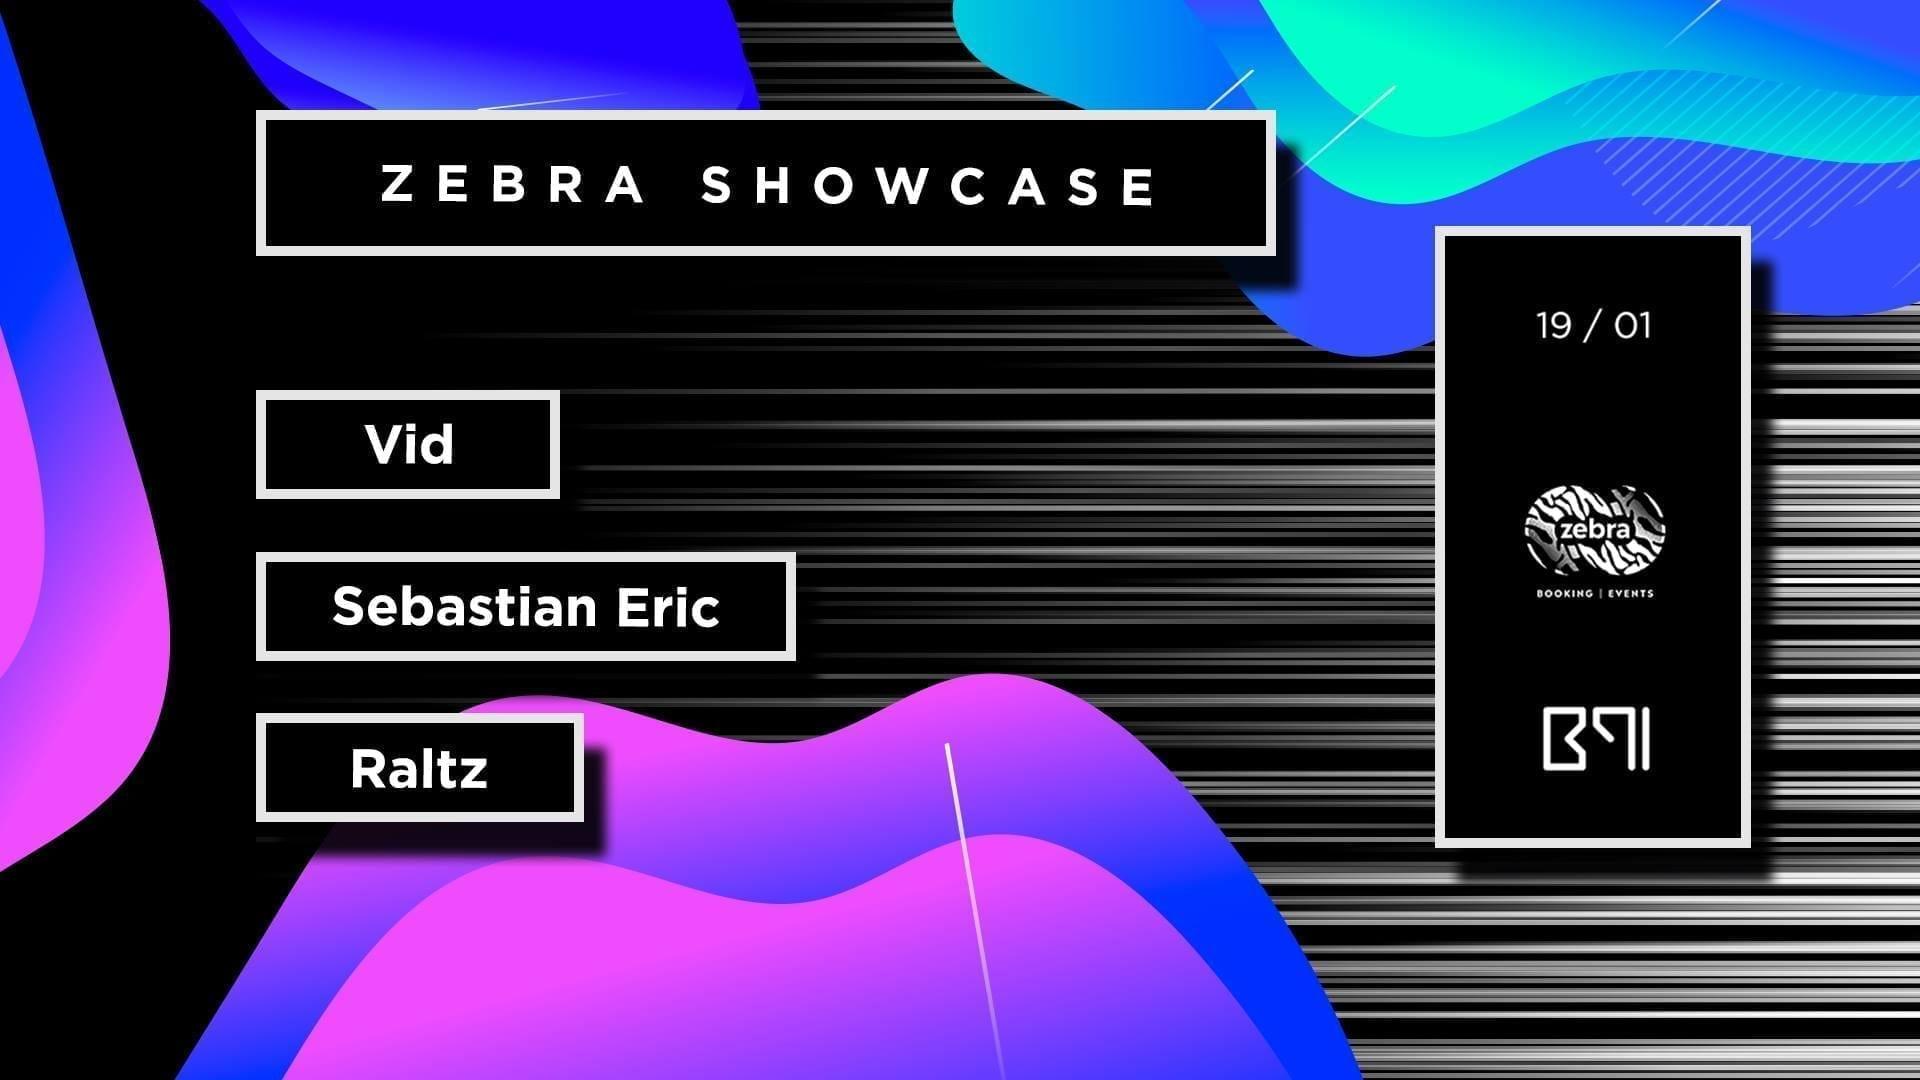 Zebra Showcase - Vid - Sebastian Eric - Raltz